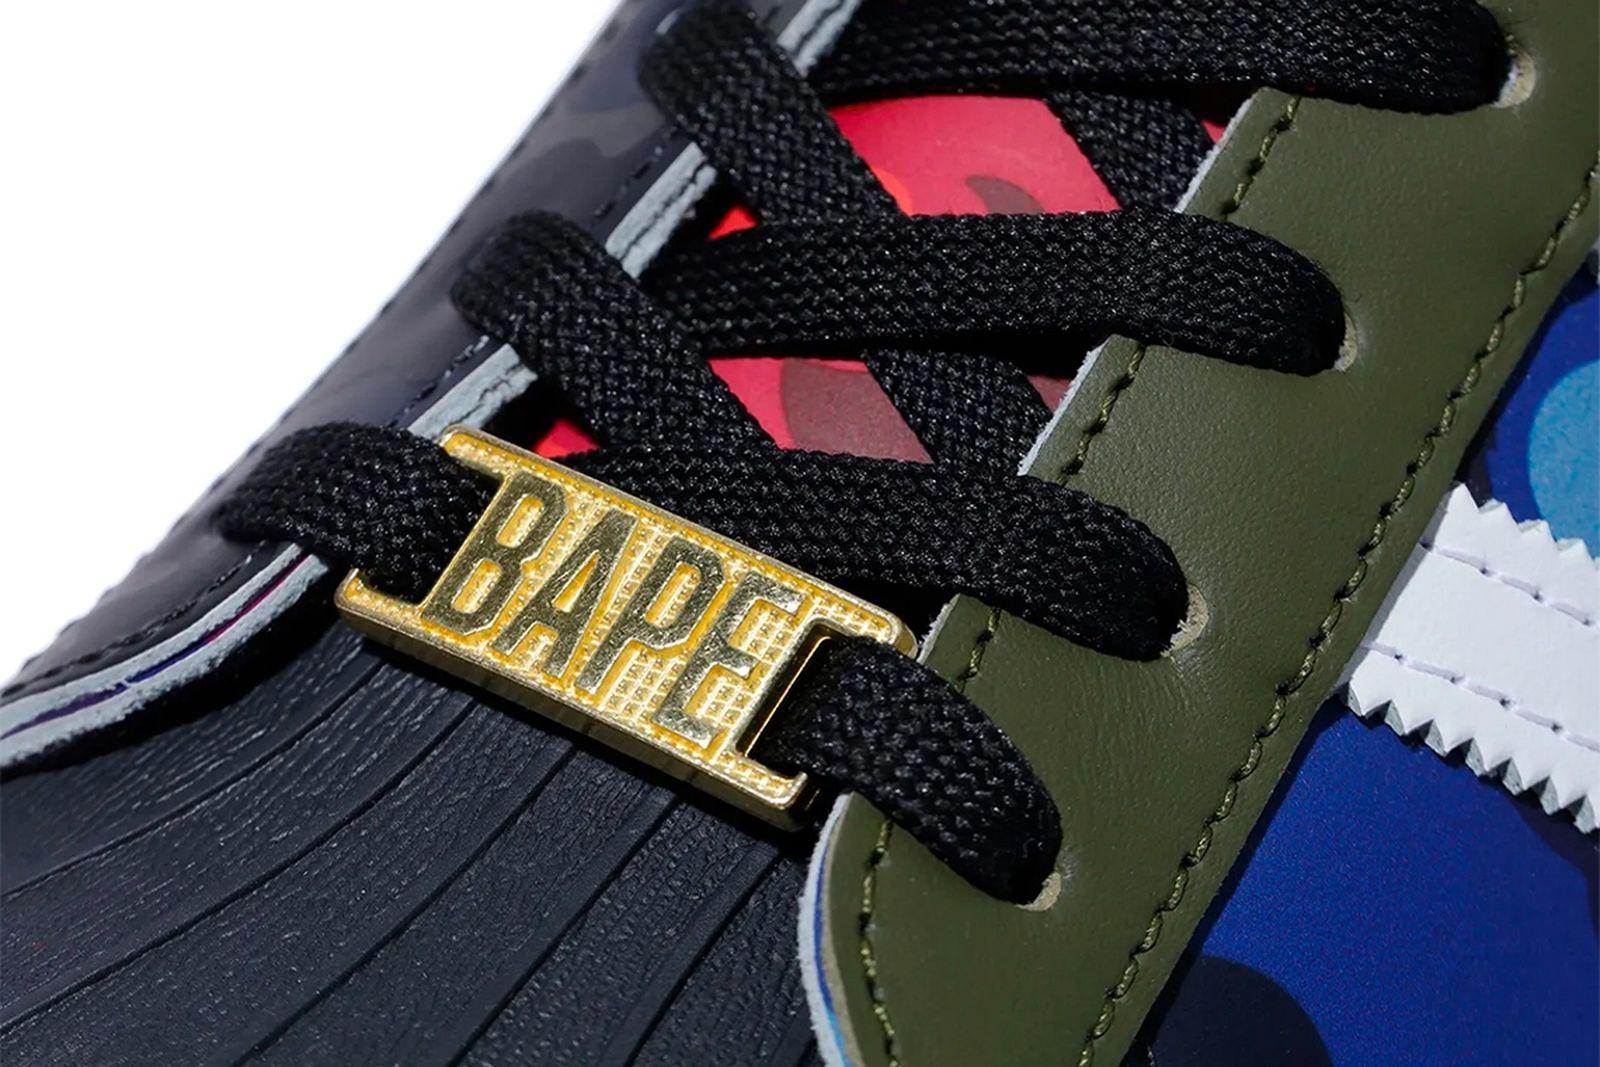 bape-adidas-superstar-2021-release-date-price-11